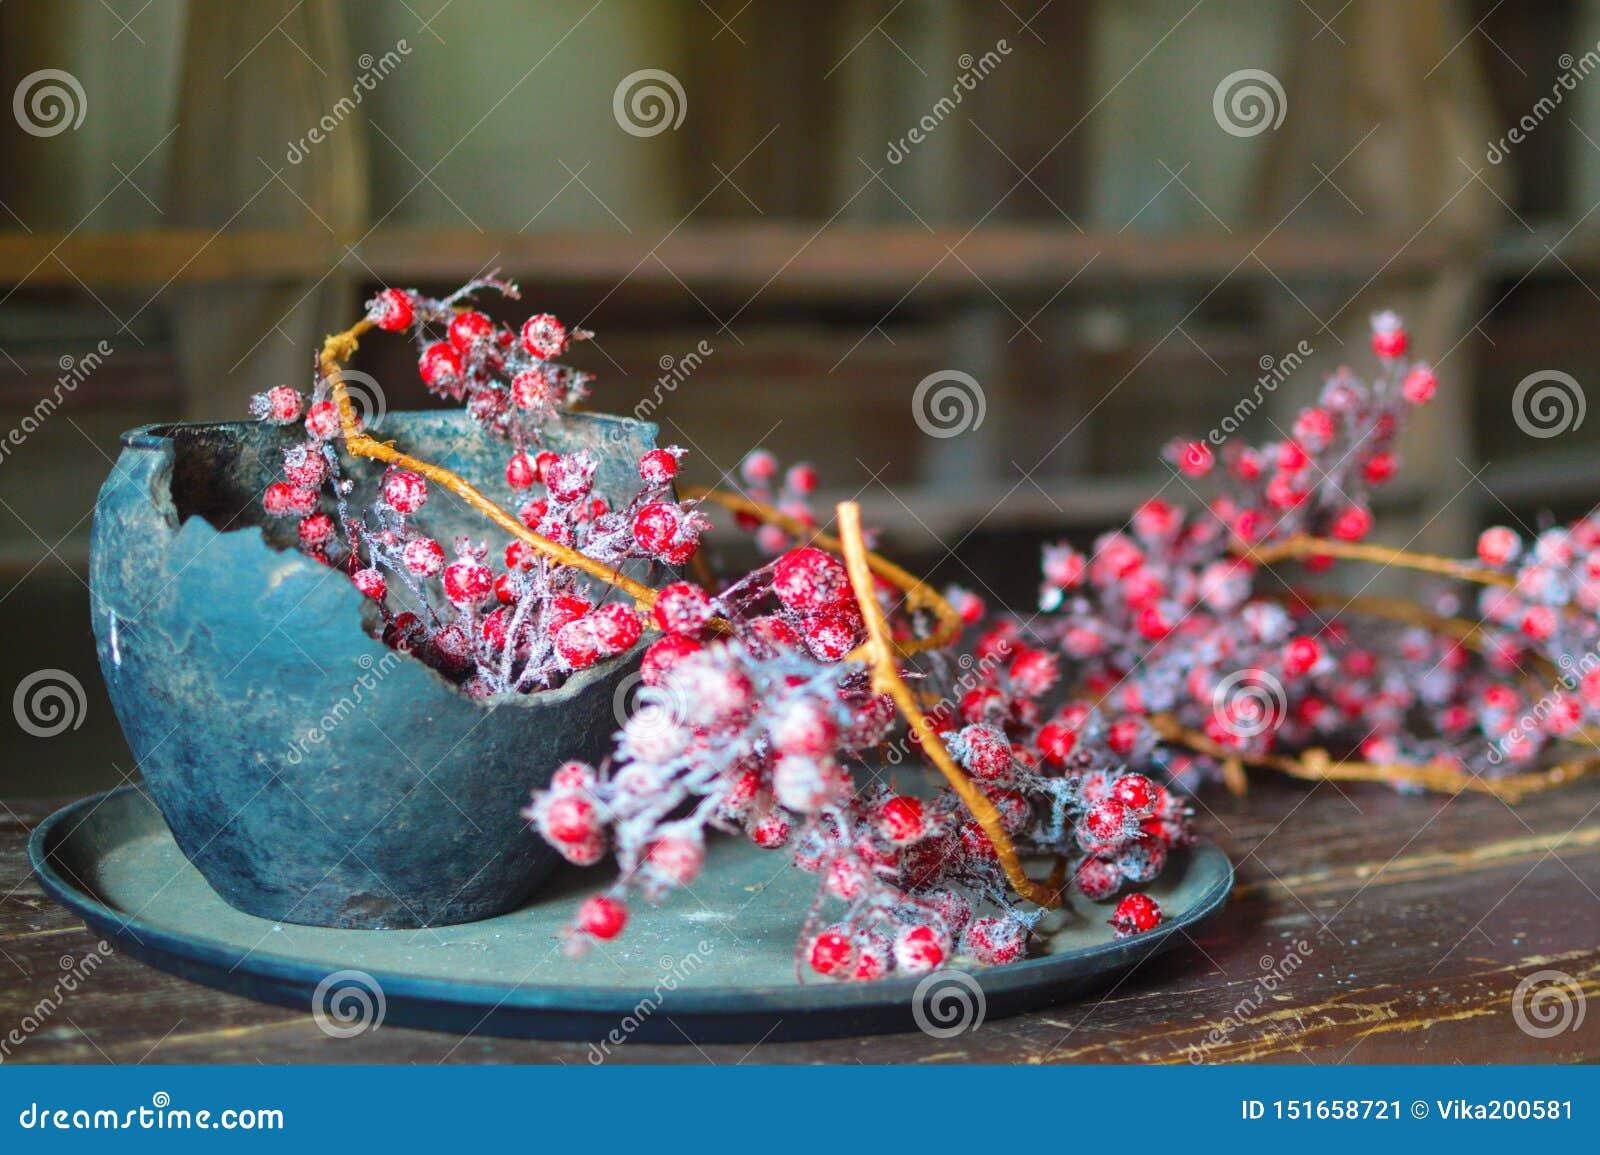 Natura morta con un vaso di argilla e le bacche rosse